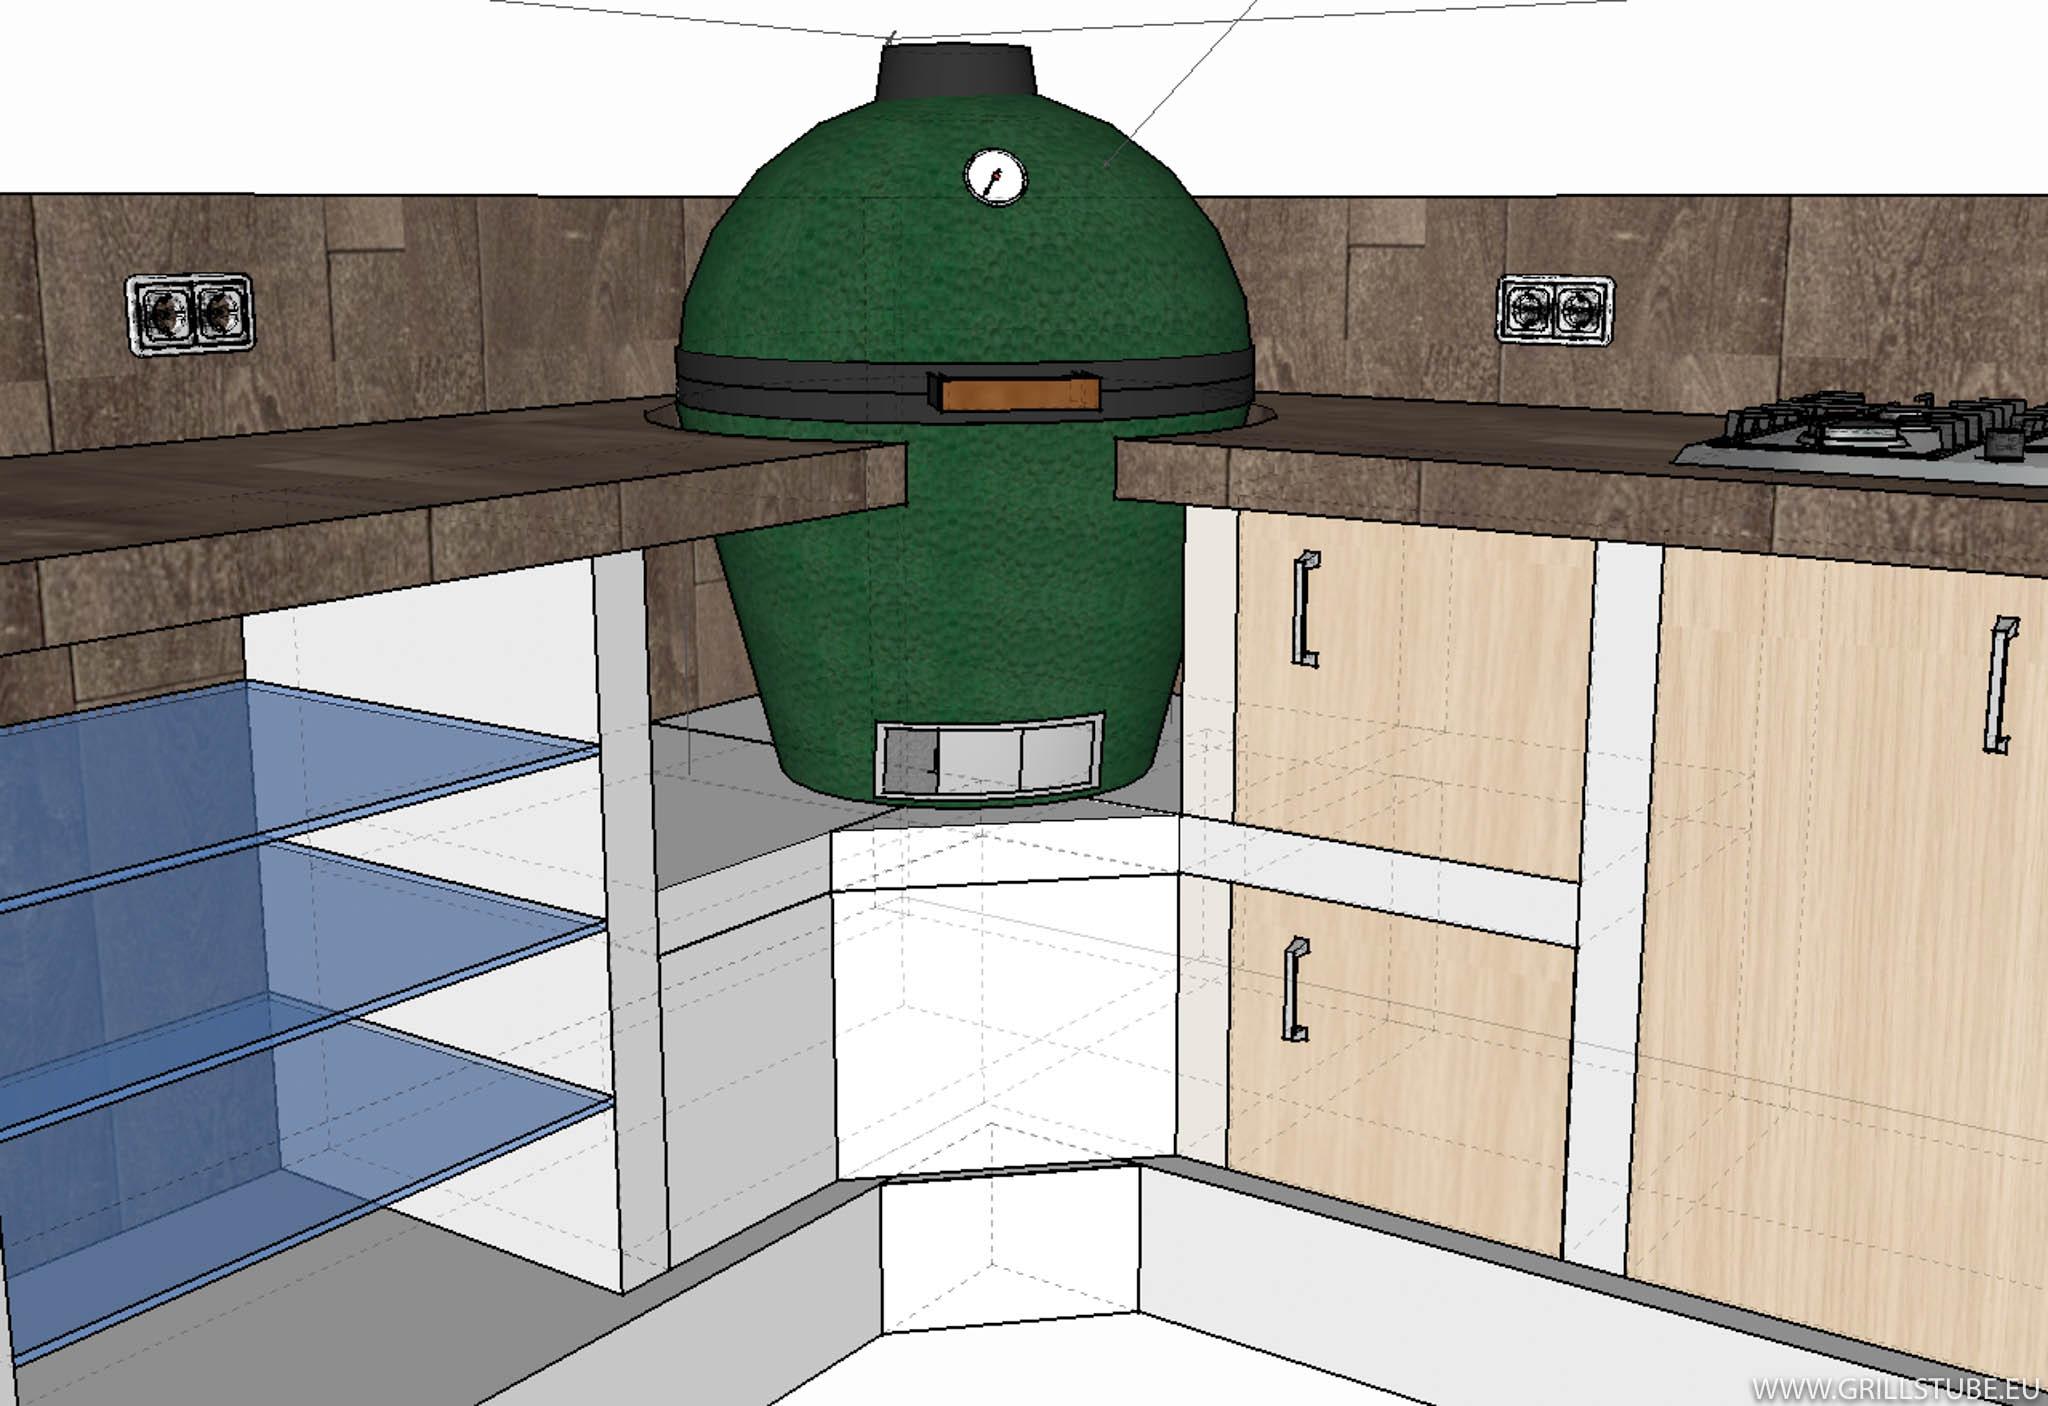 Outdoor Küche Unterbau : Outdoorküche ende der winterpause materialbeschaffung andys